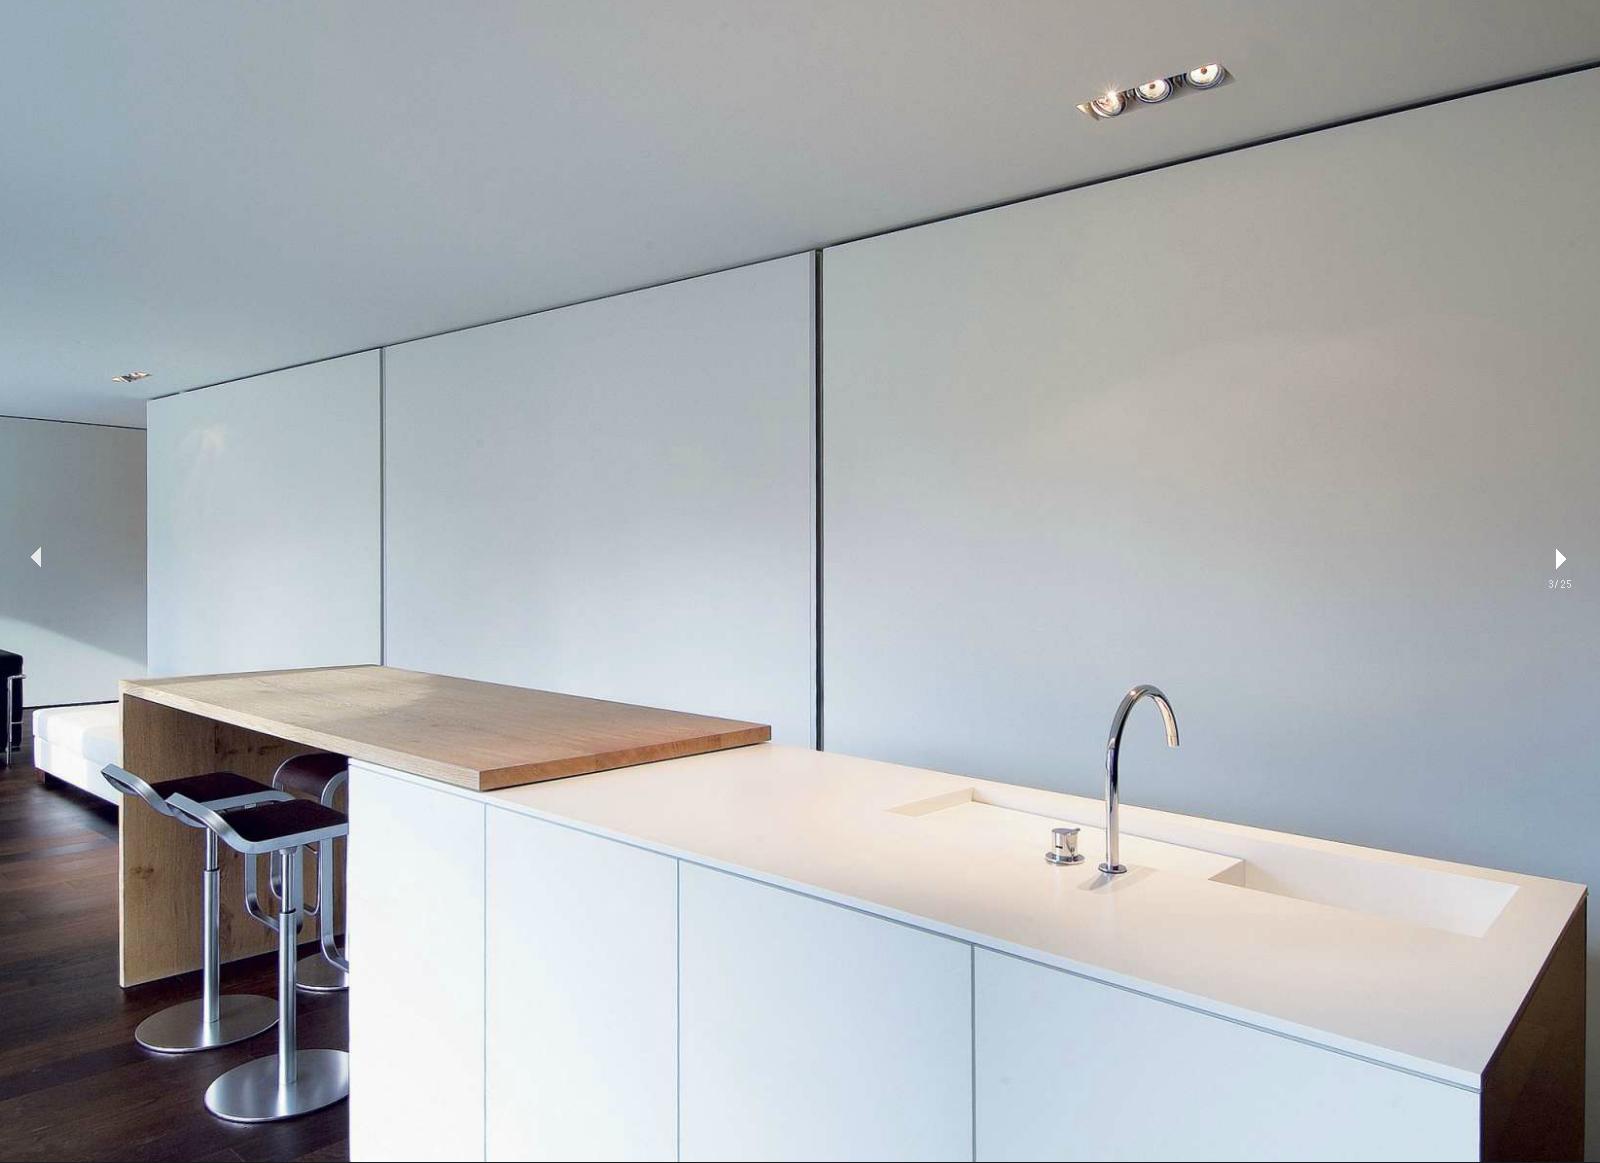 Fantastisch Küchen Mit Schienenbeleuchtung Zeitgenössisch - Küche ...